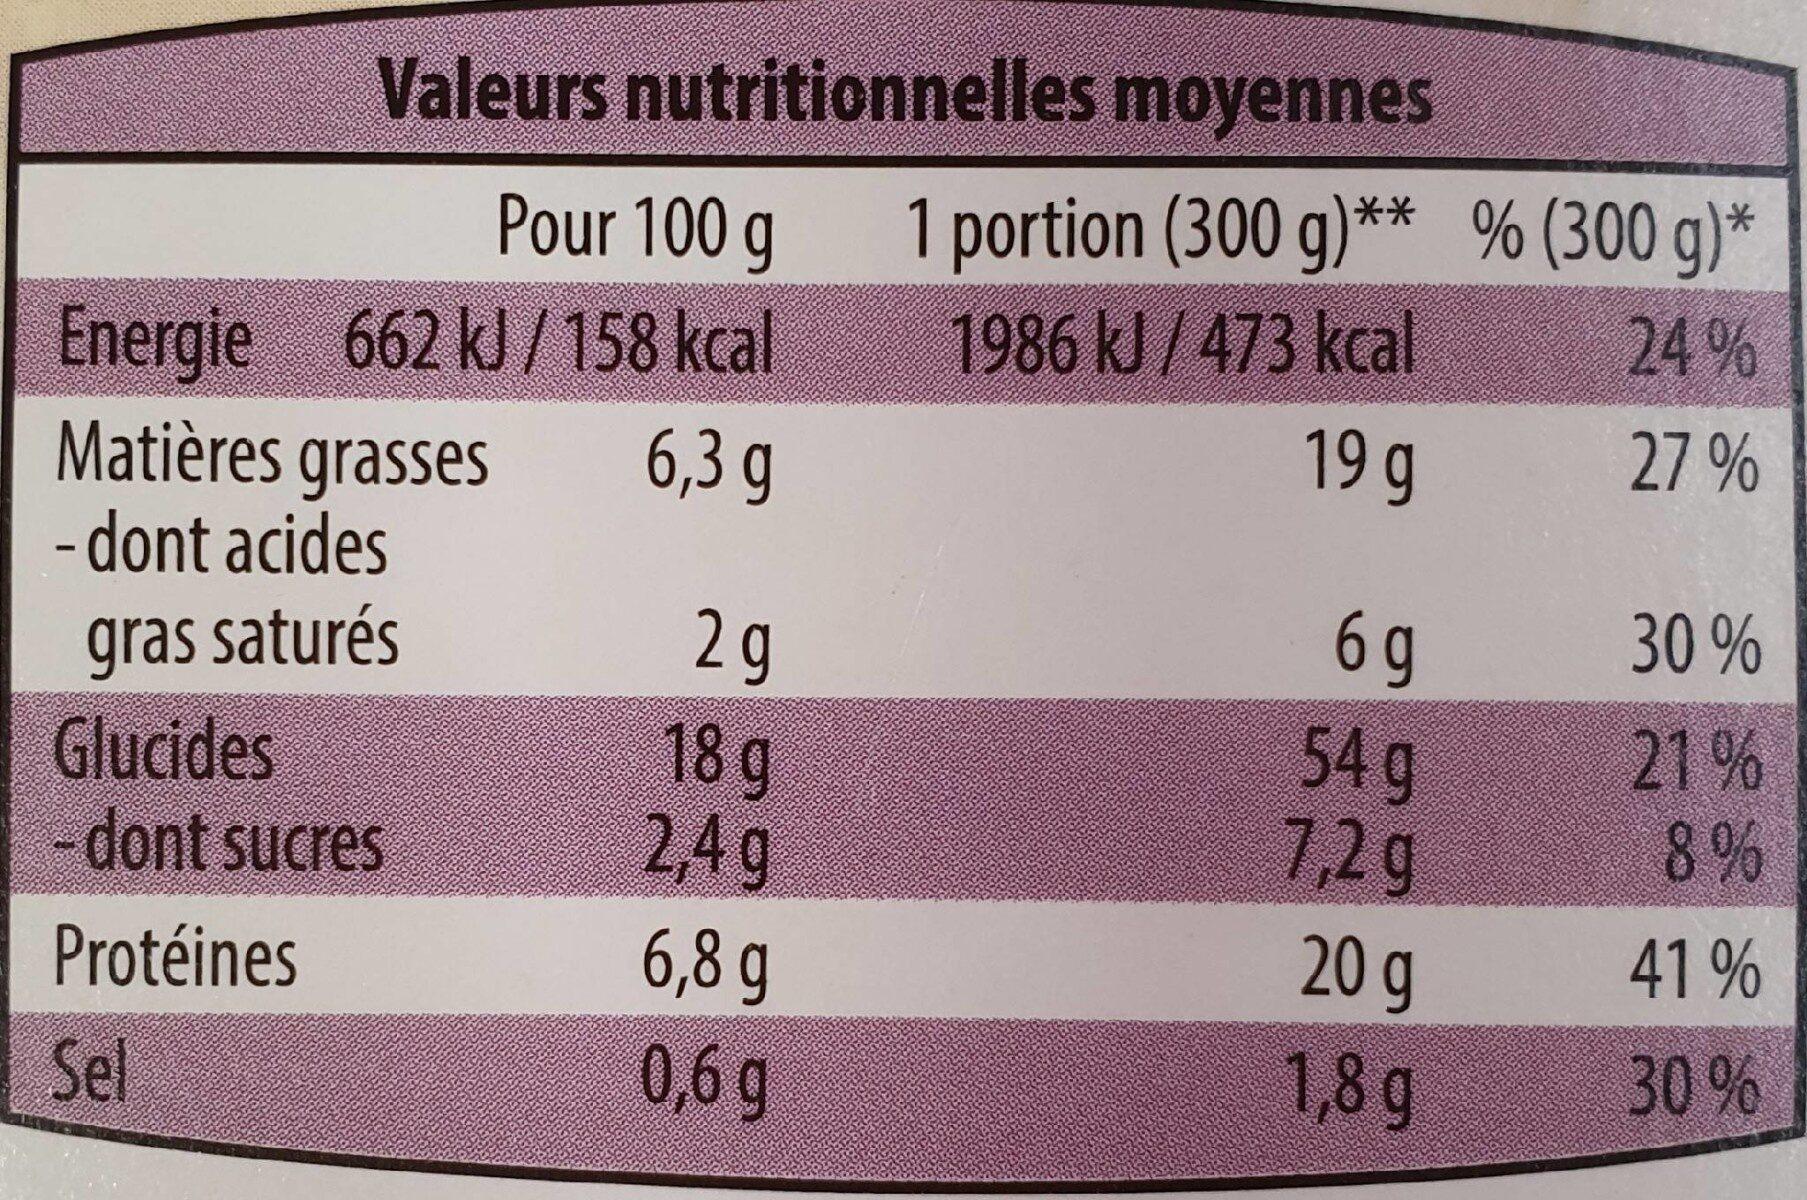 Nouilles royales - Informations nutritionnelles - fr